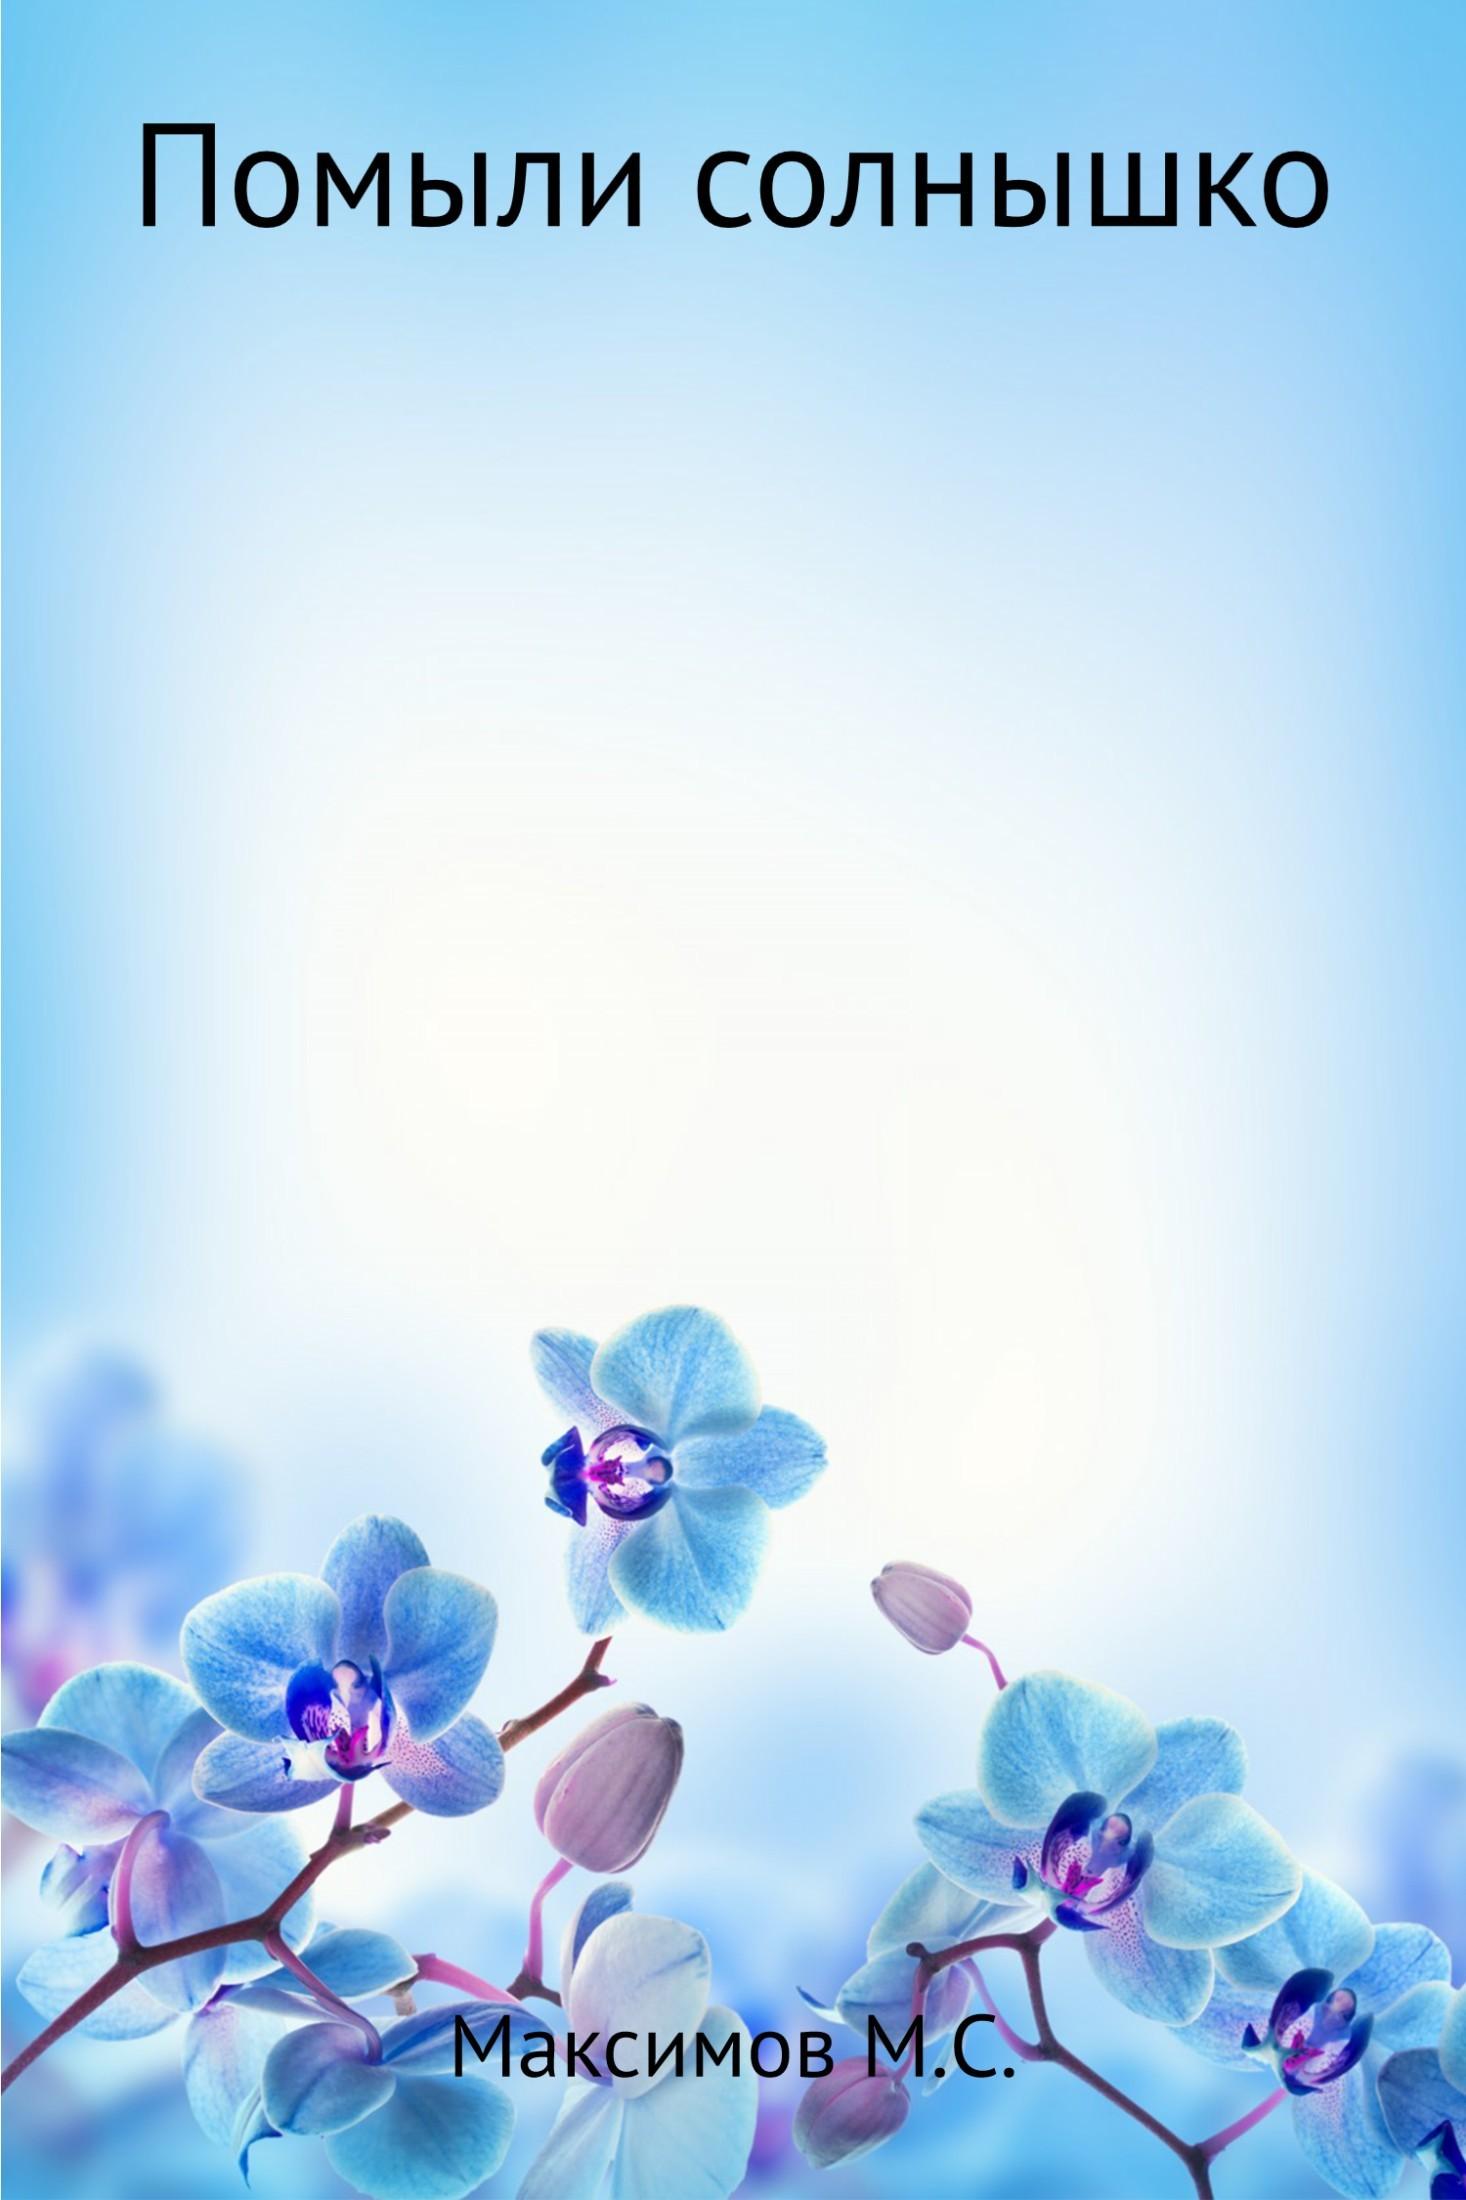 Михаил Серафимович Максимов Помыли солнышко михаил серафимович максимов домик для игрушек сказки